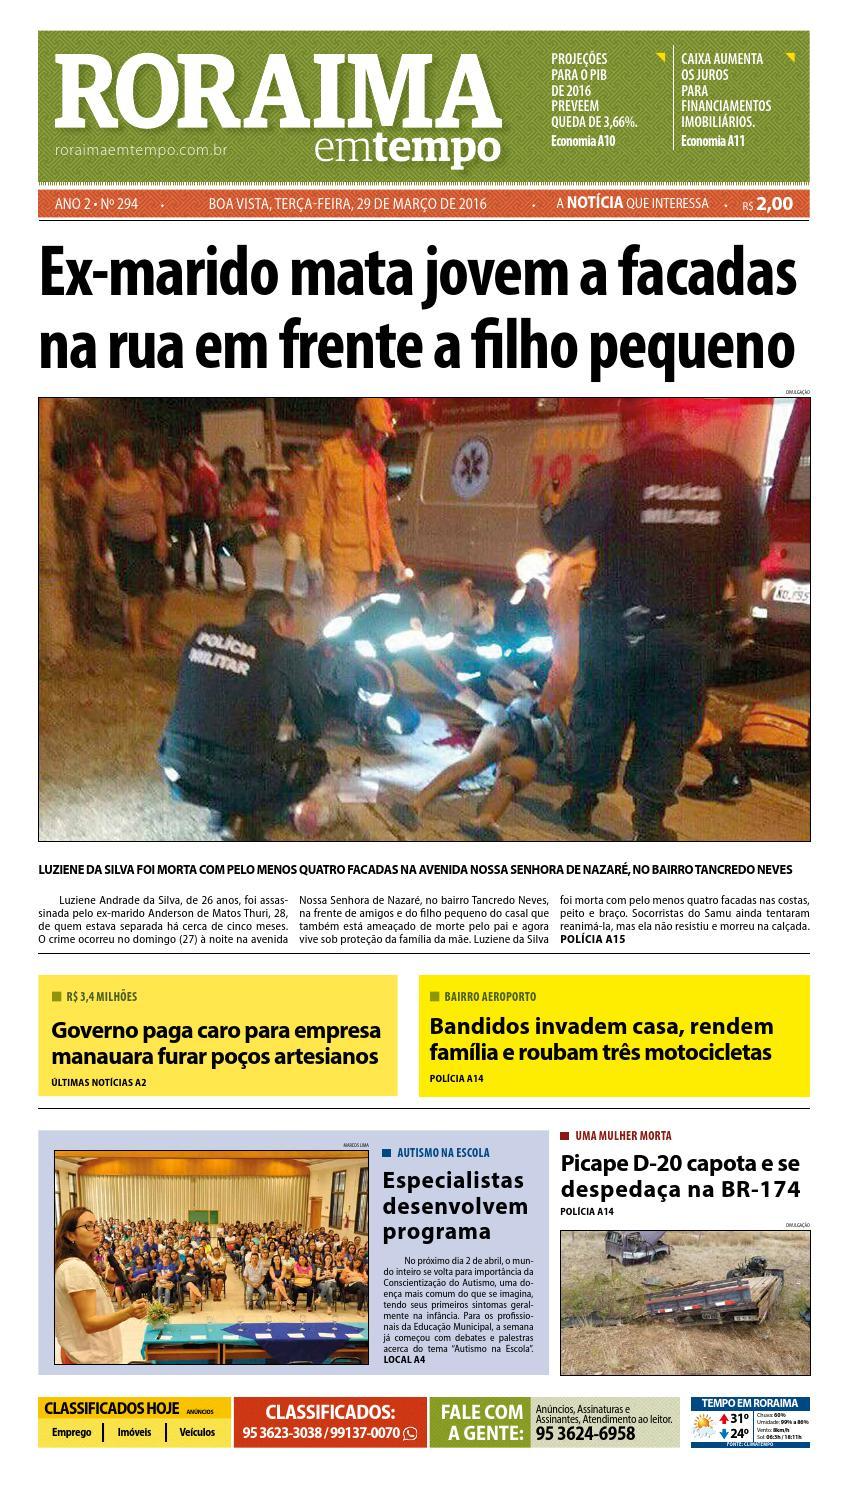 f54480ffbaf Jornal roraima em tempo – edição 294 – período de visualização gratuito by  RoraimaEmTempo - issuu